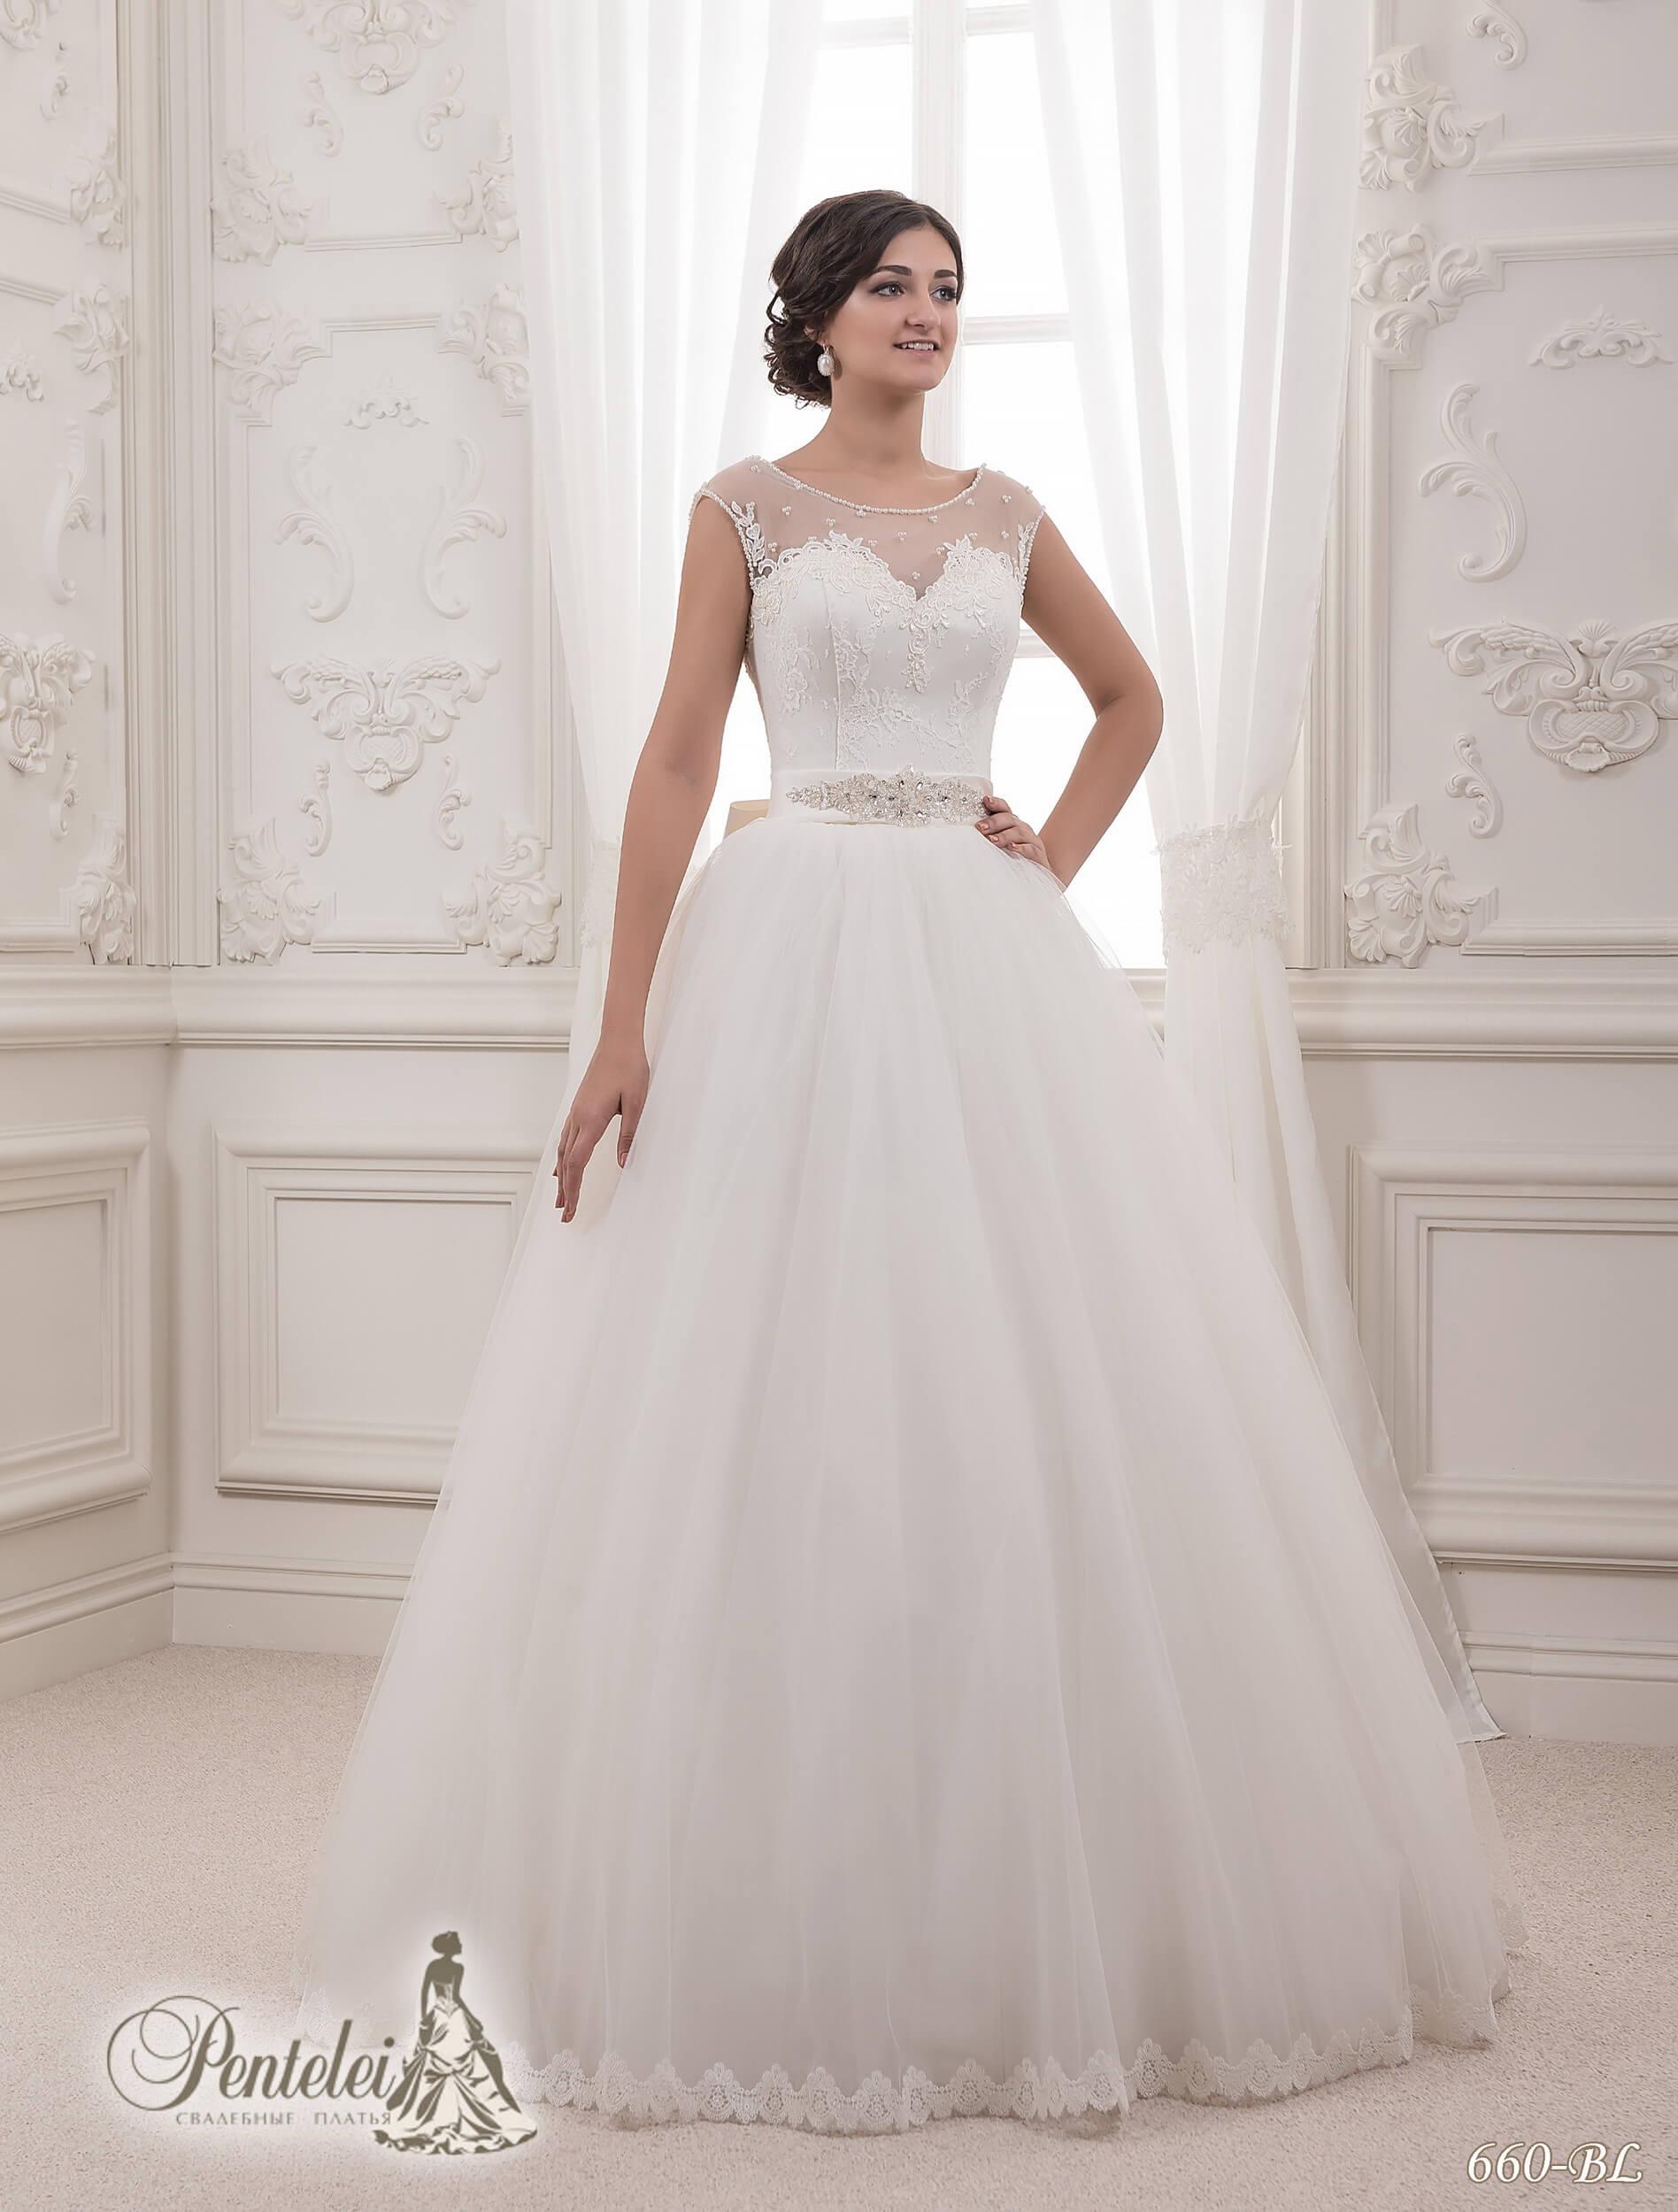 660-BL | Cumpăra rochii de mireasă en-gros de Pentelei